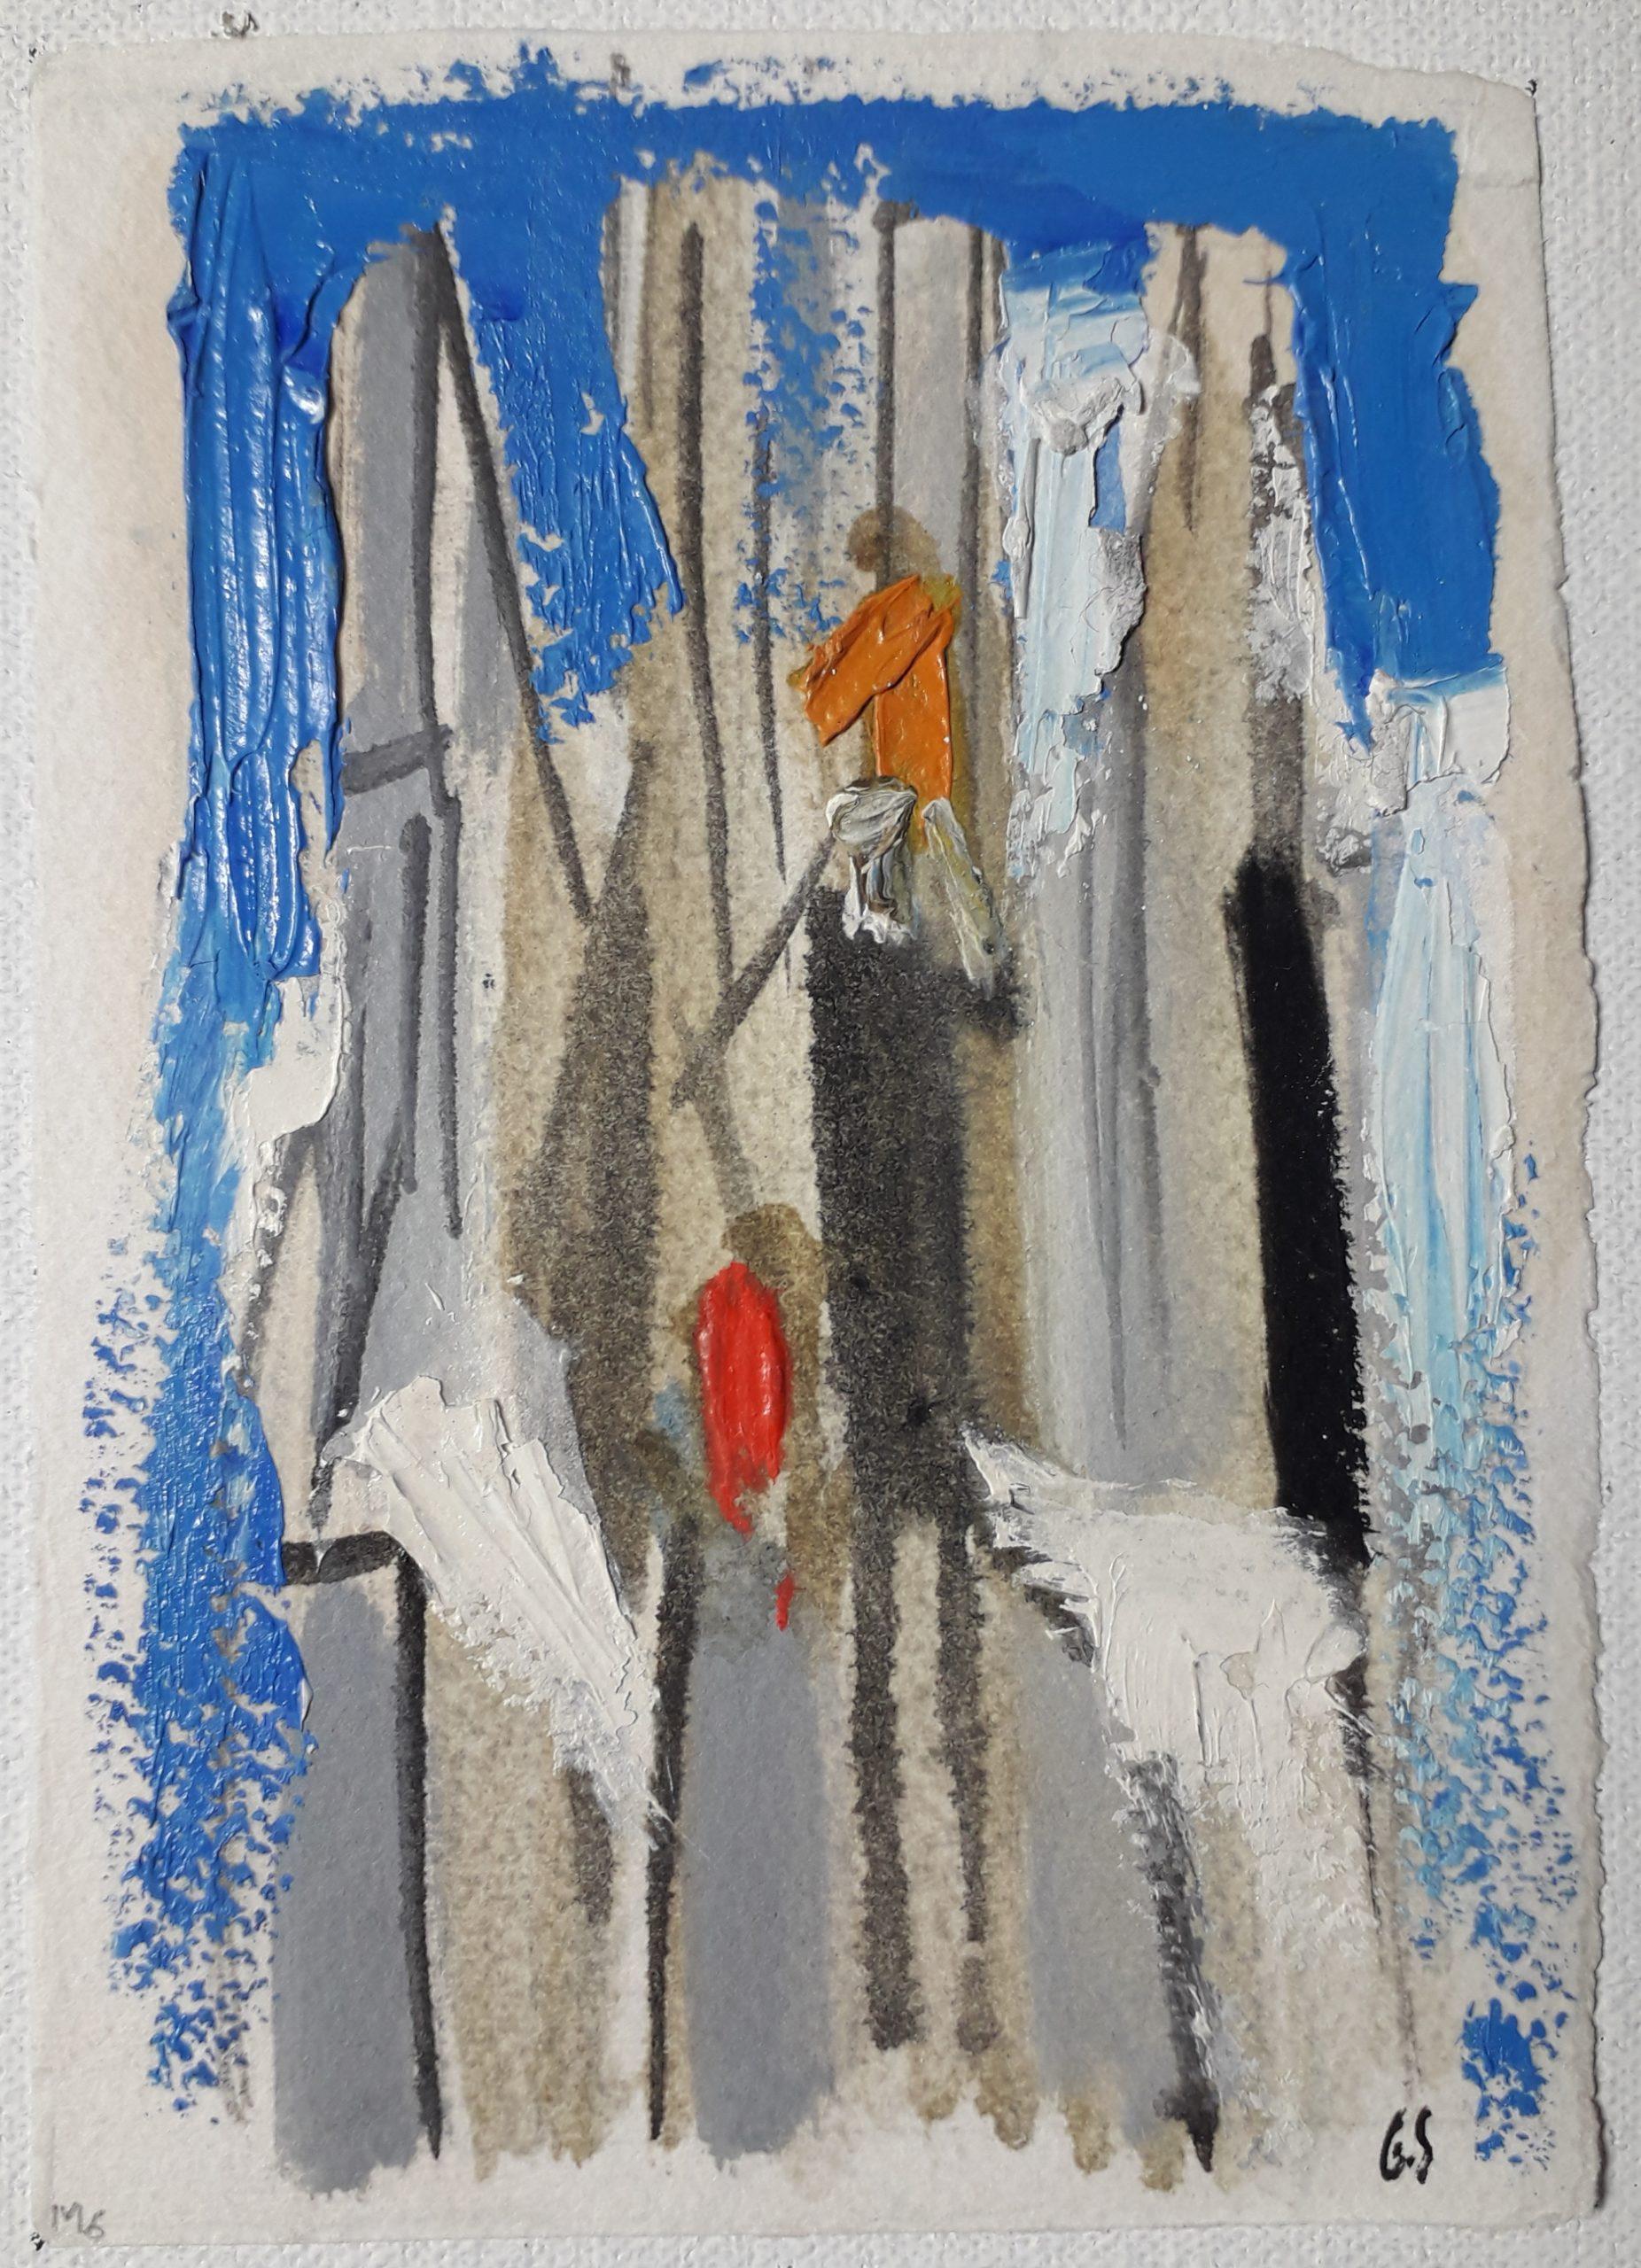 singer-gerard-alpinisme-1956-m6